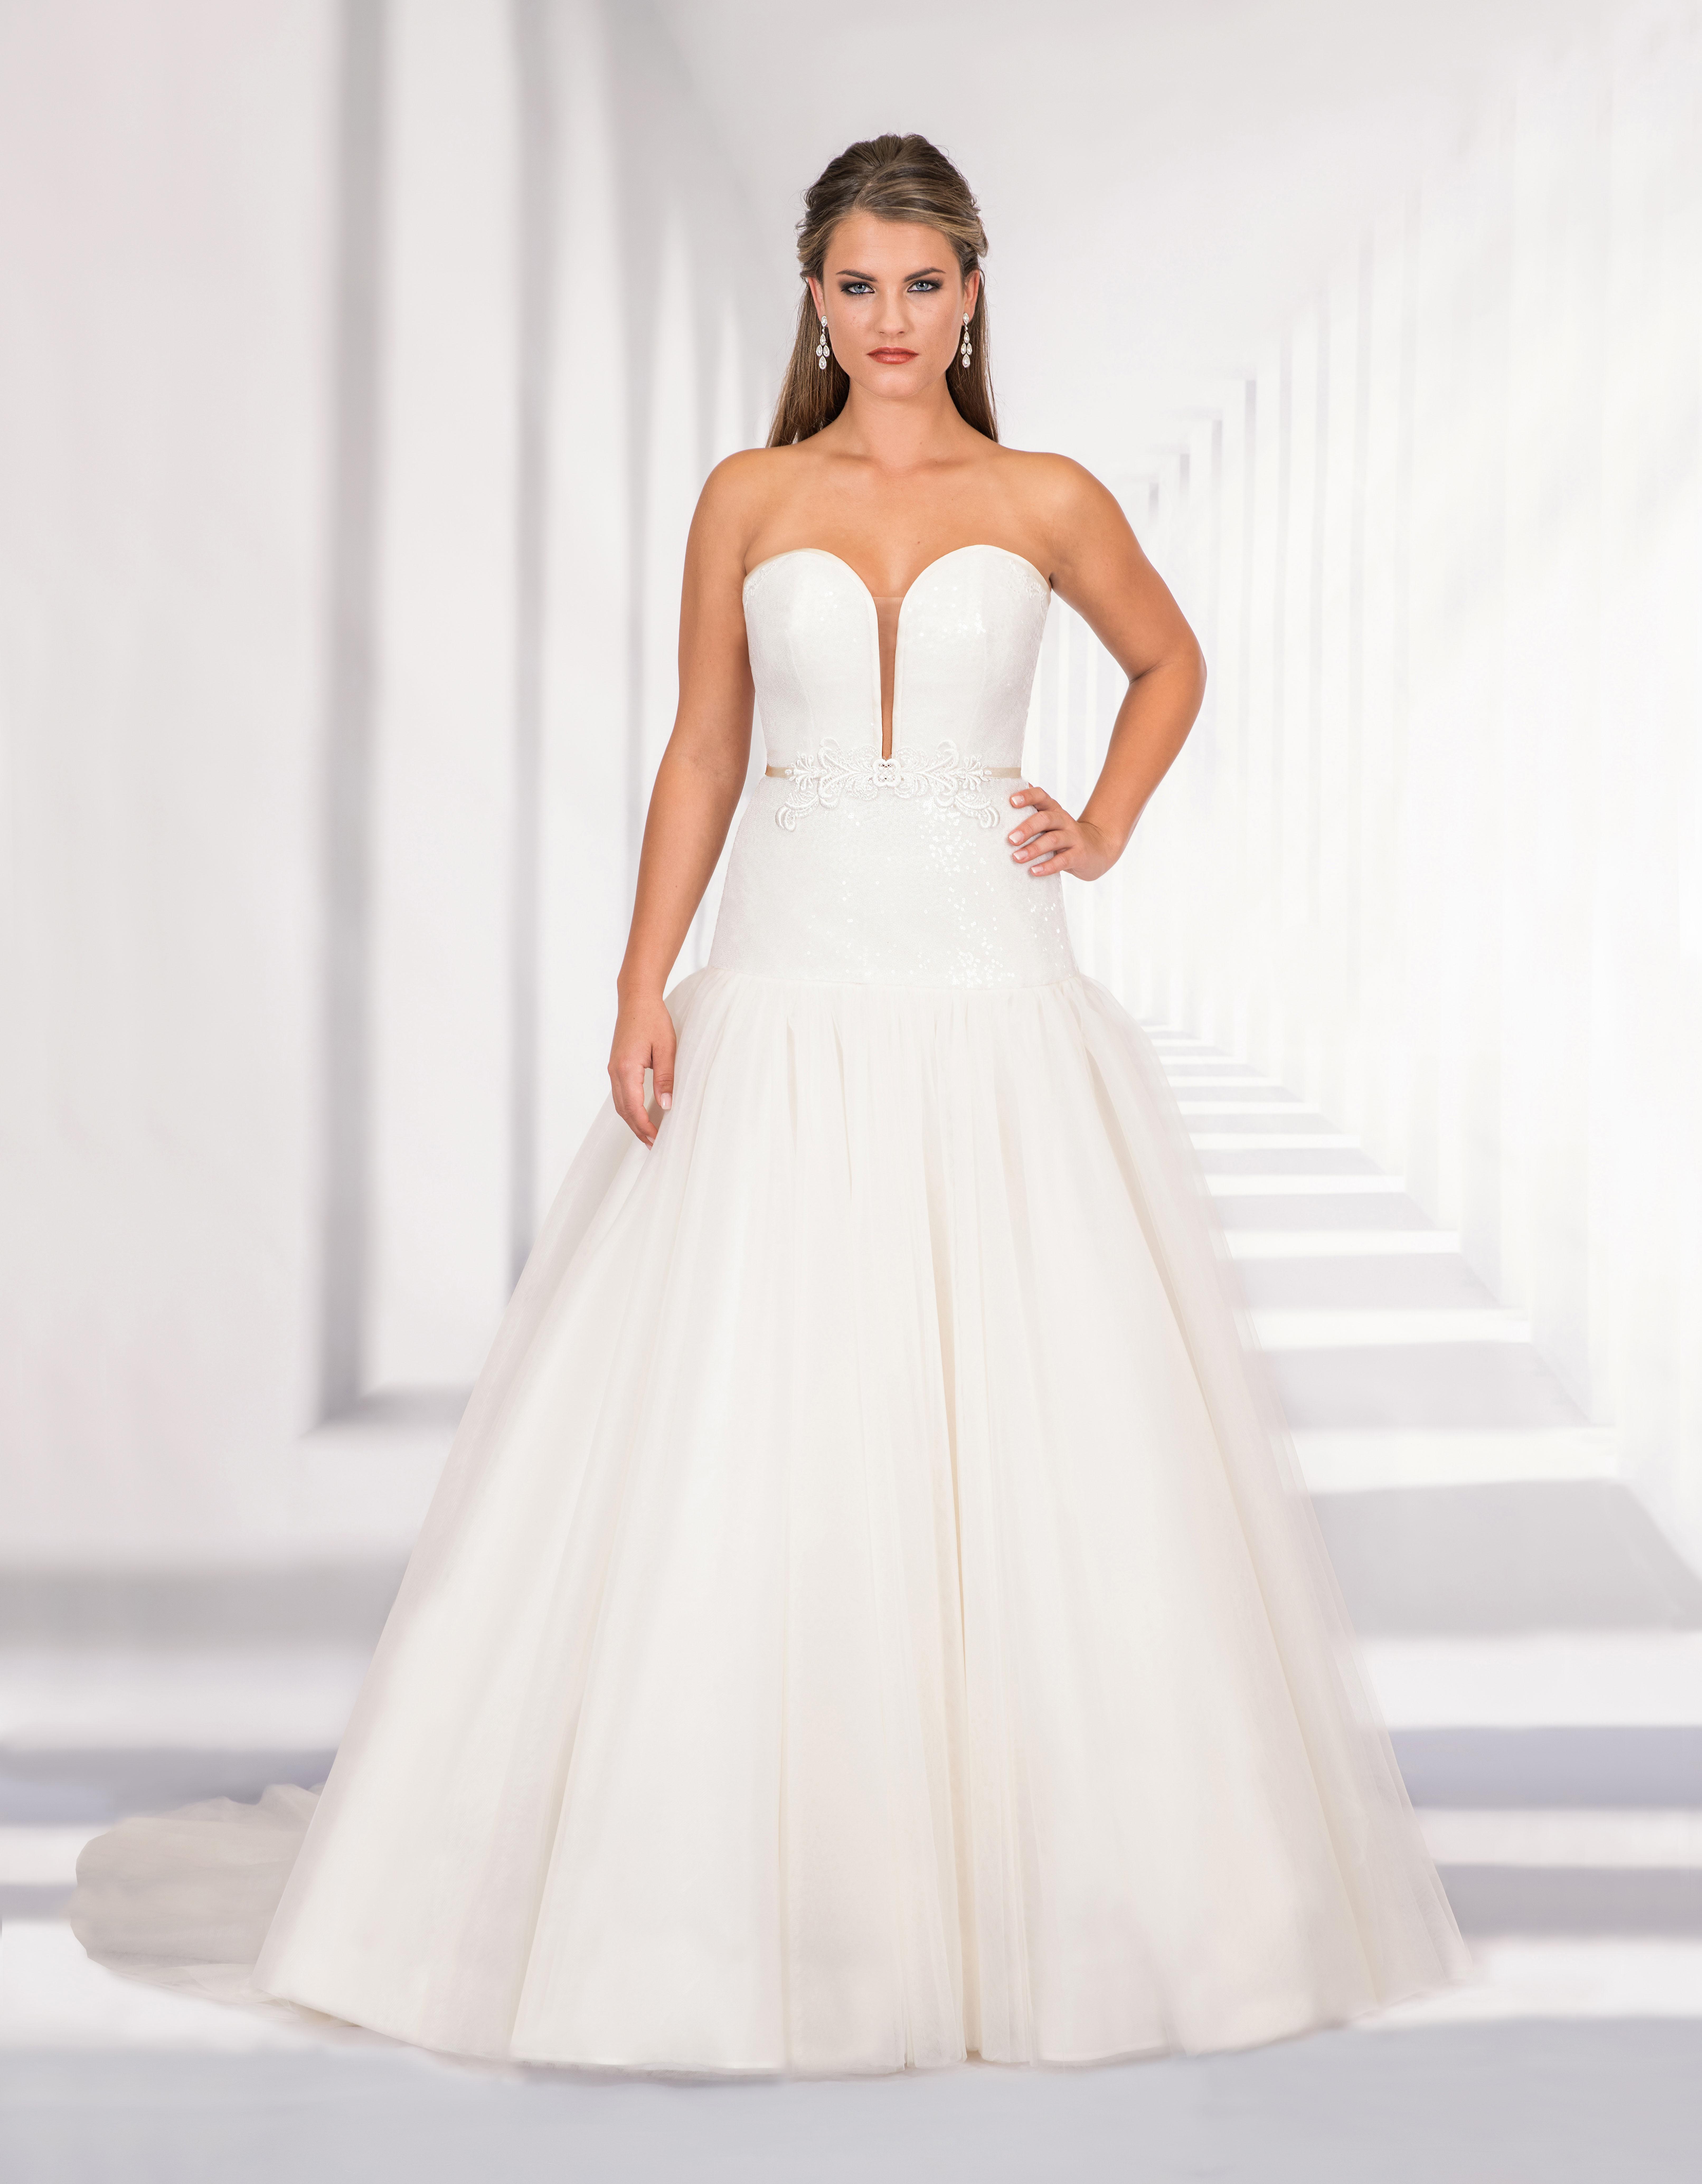 Korsagen Brautkleid mit Tüllrock und Schleppe sowie Oberteil aus Paillettentüll von vorne